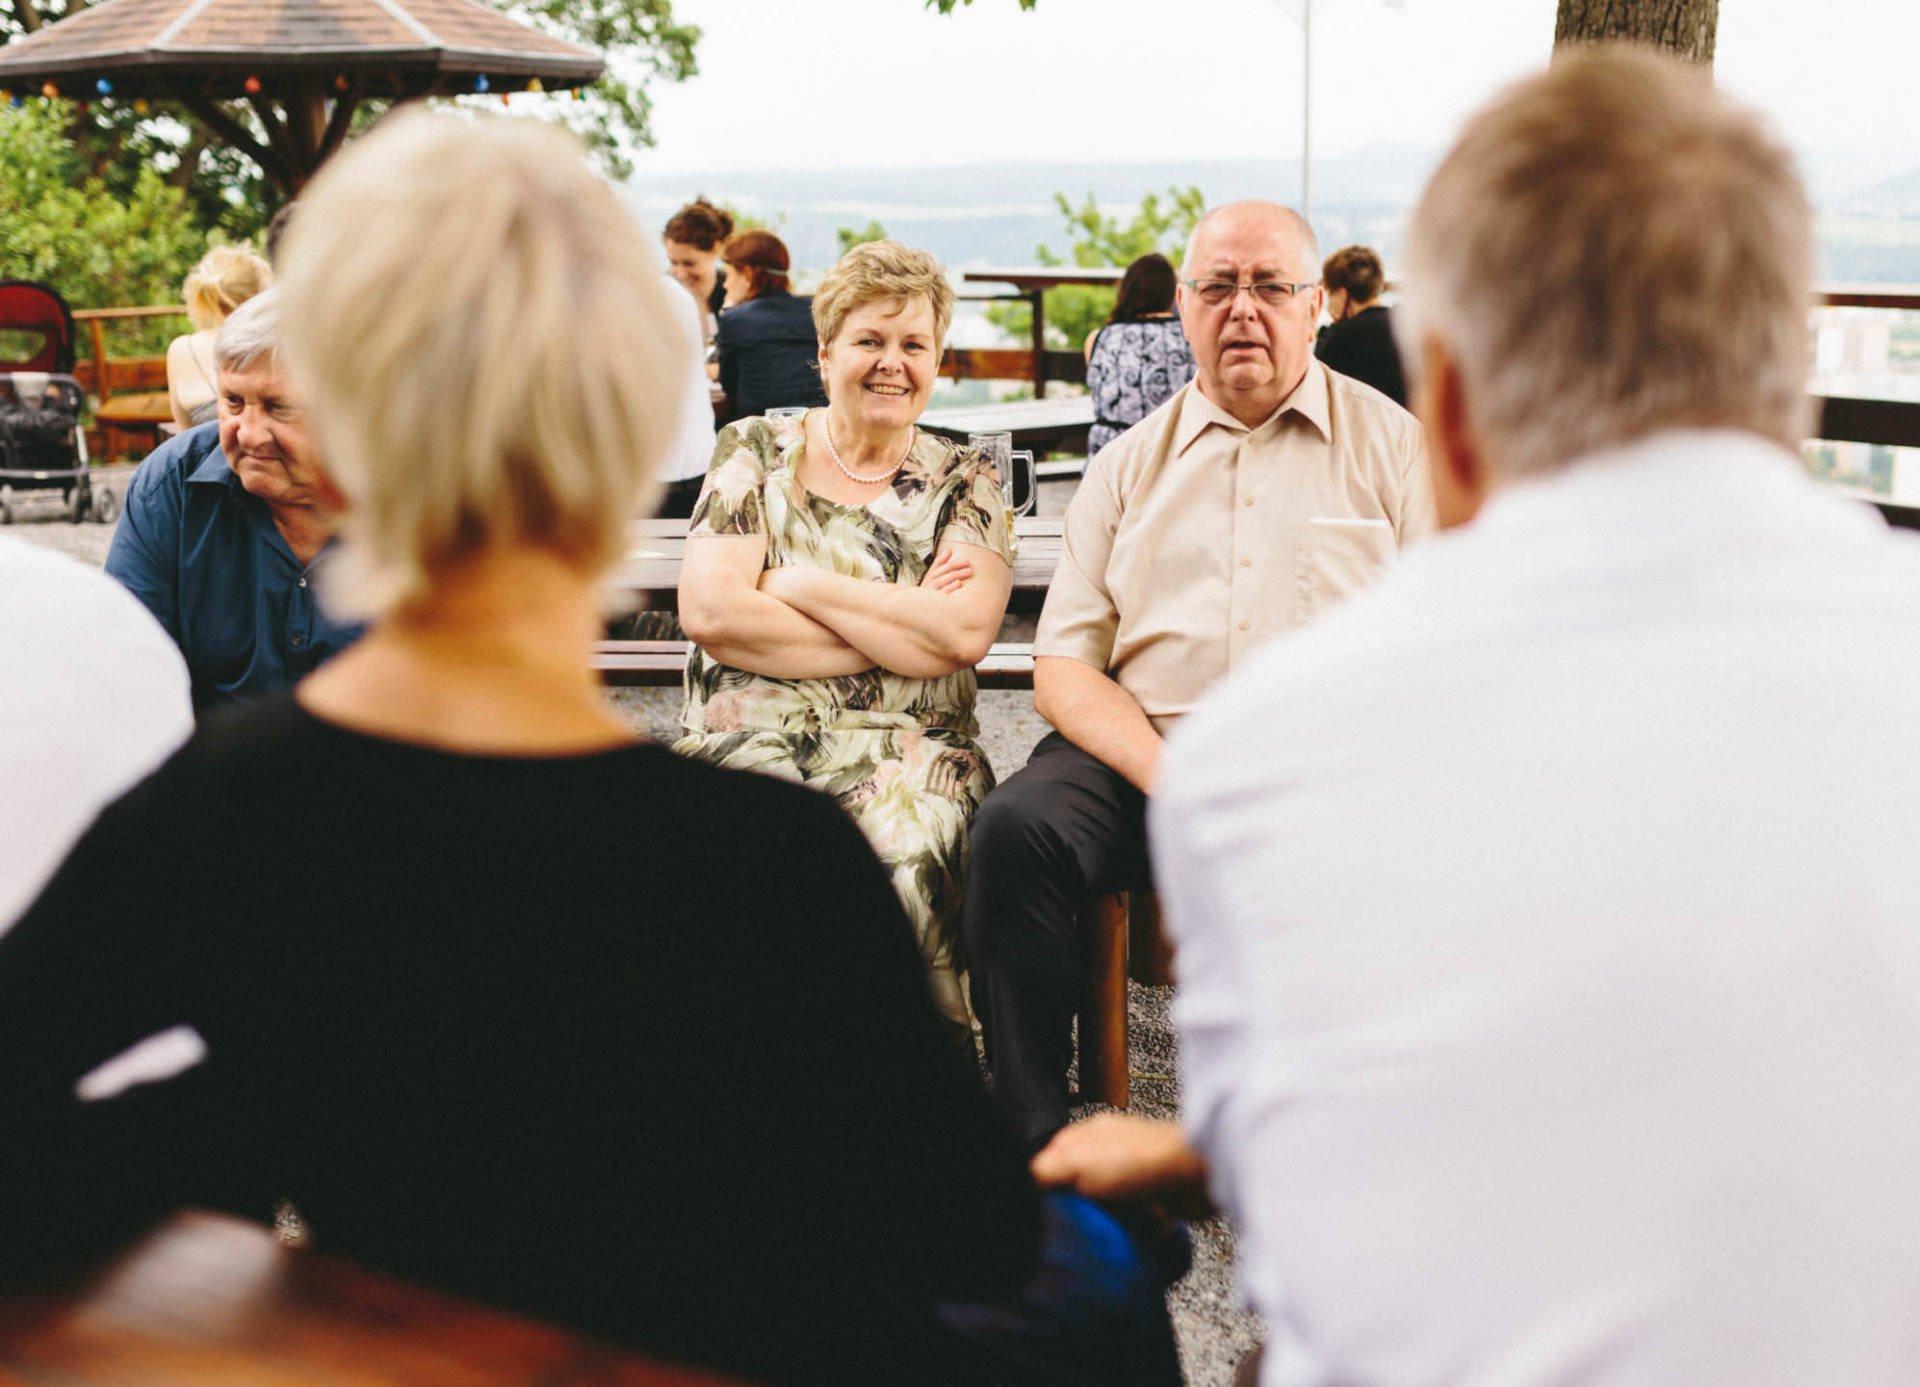 Bayrische Hochzeit 38 - Bayrische Jagdhüttenhochzeit in Thüringen